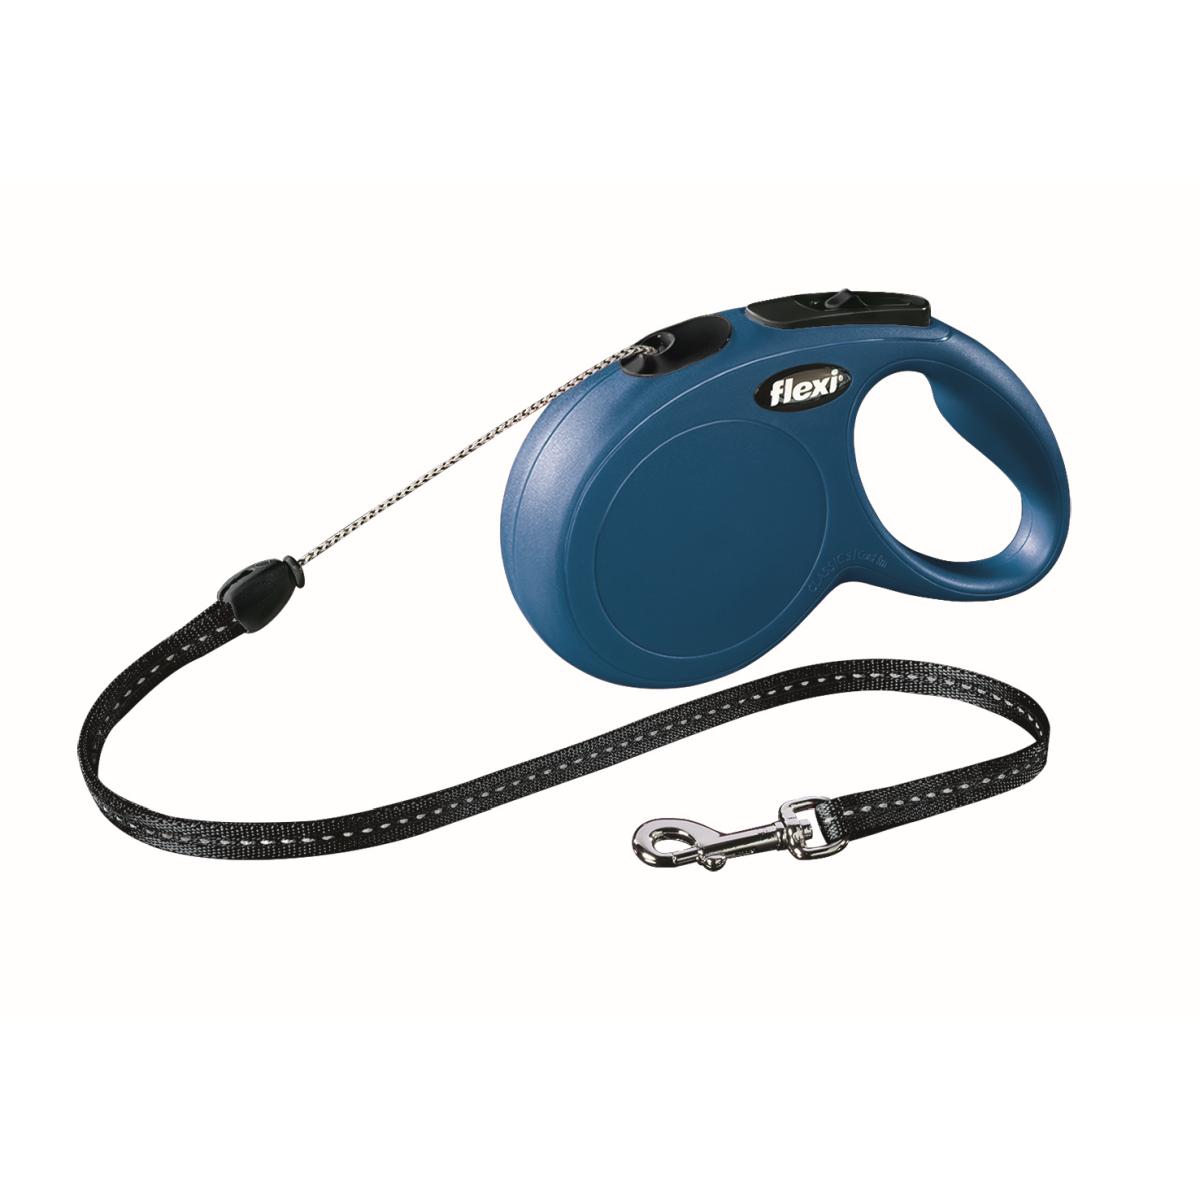 Productafbeelding voor 'Flexi - new classic cord s - 8 m blauw'